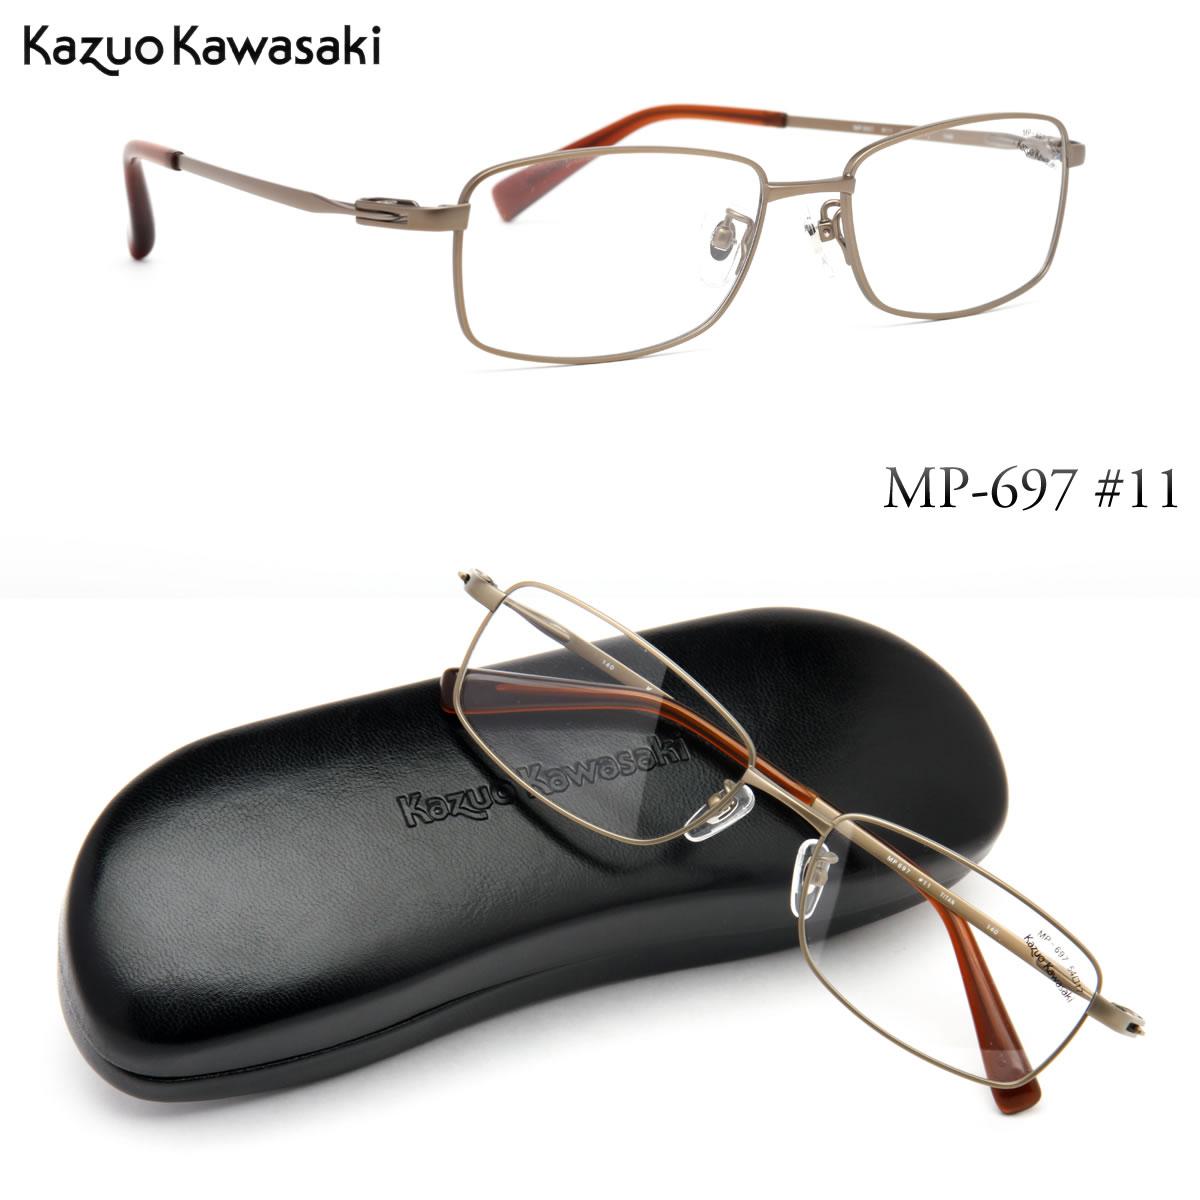 ほぼ全品ポイント15倍~最大43倍+3倍!お得なクーポンも! 【KAZUO KAWASAKI メガネ】カワサキカズオ メガネフレーム MP697 11 54サイズ